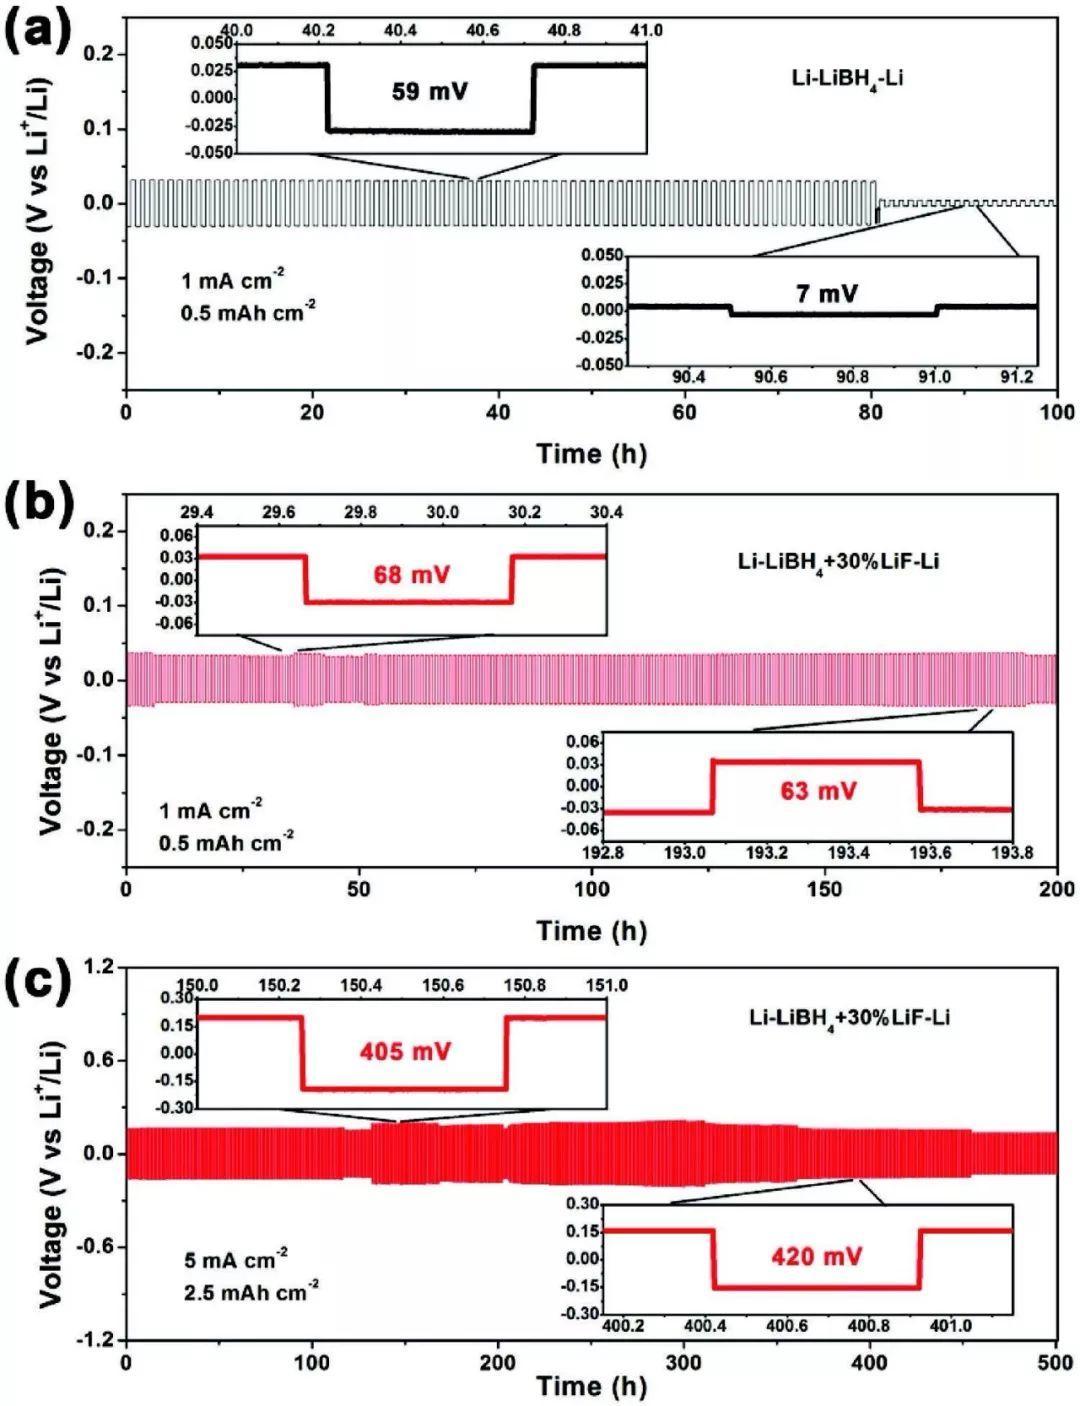 复旦大学宋云&孙大林AEM:深入探究锂枝晶在固态电解质中的形成机理